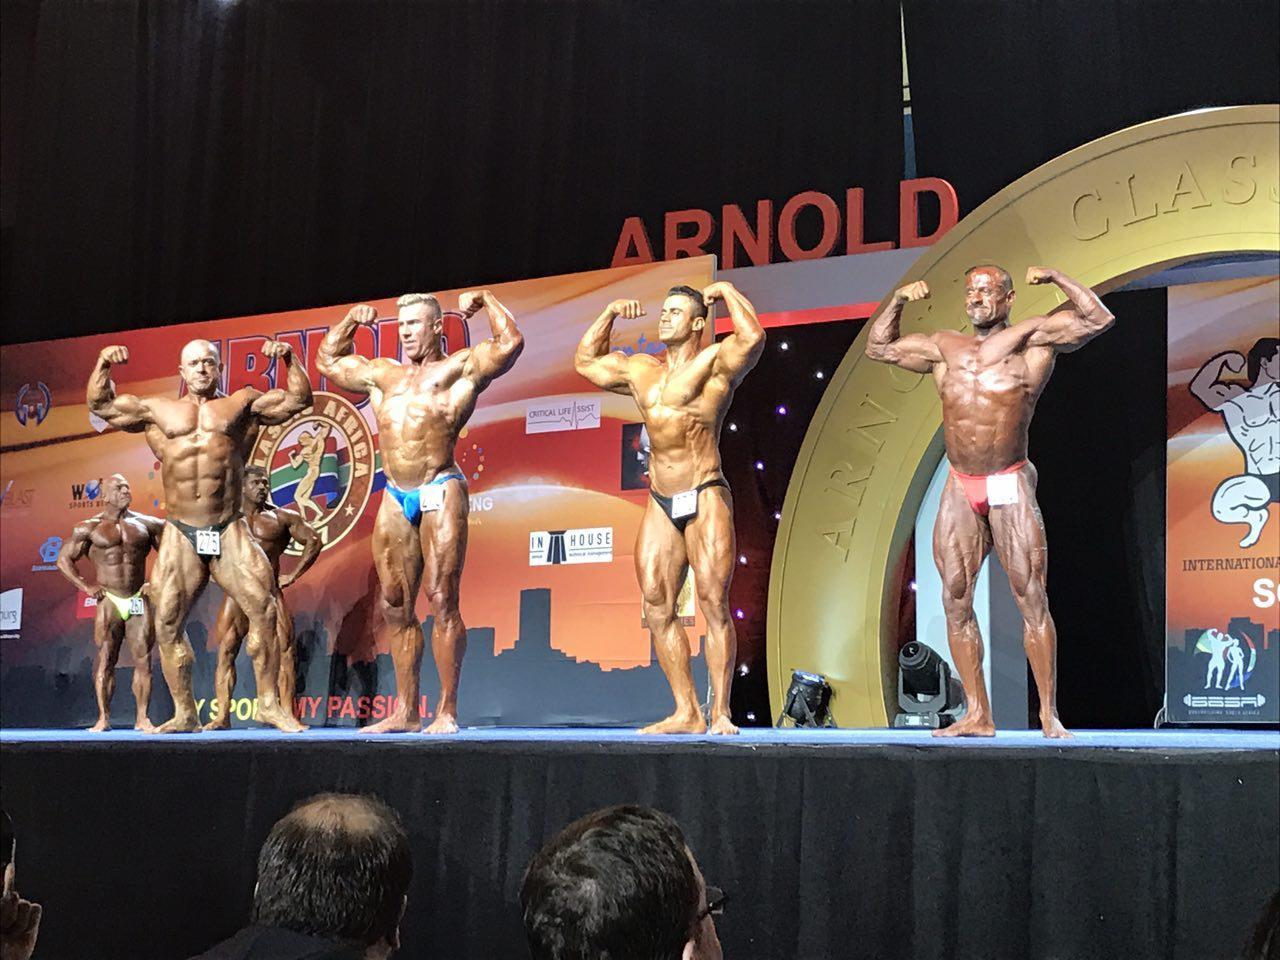 رقابتهای آرنولد کلاسیک آفریقای جنوبی ۲۰۱۷